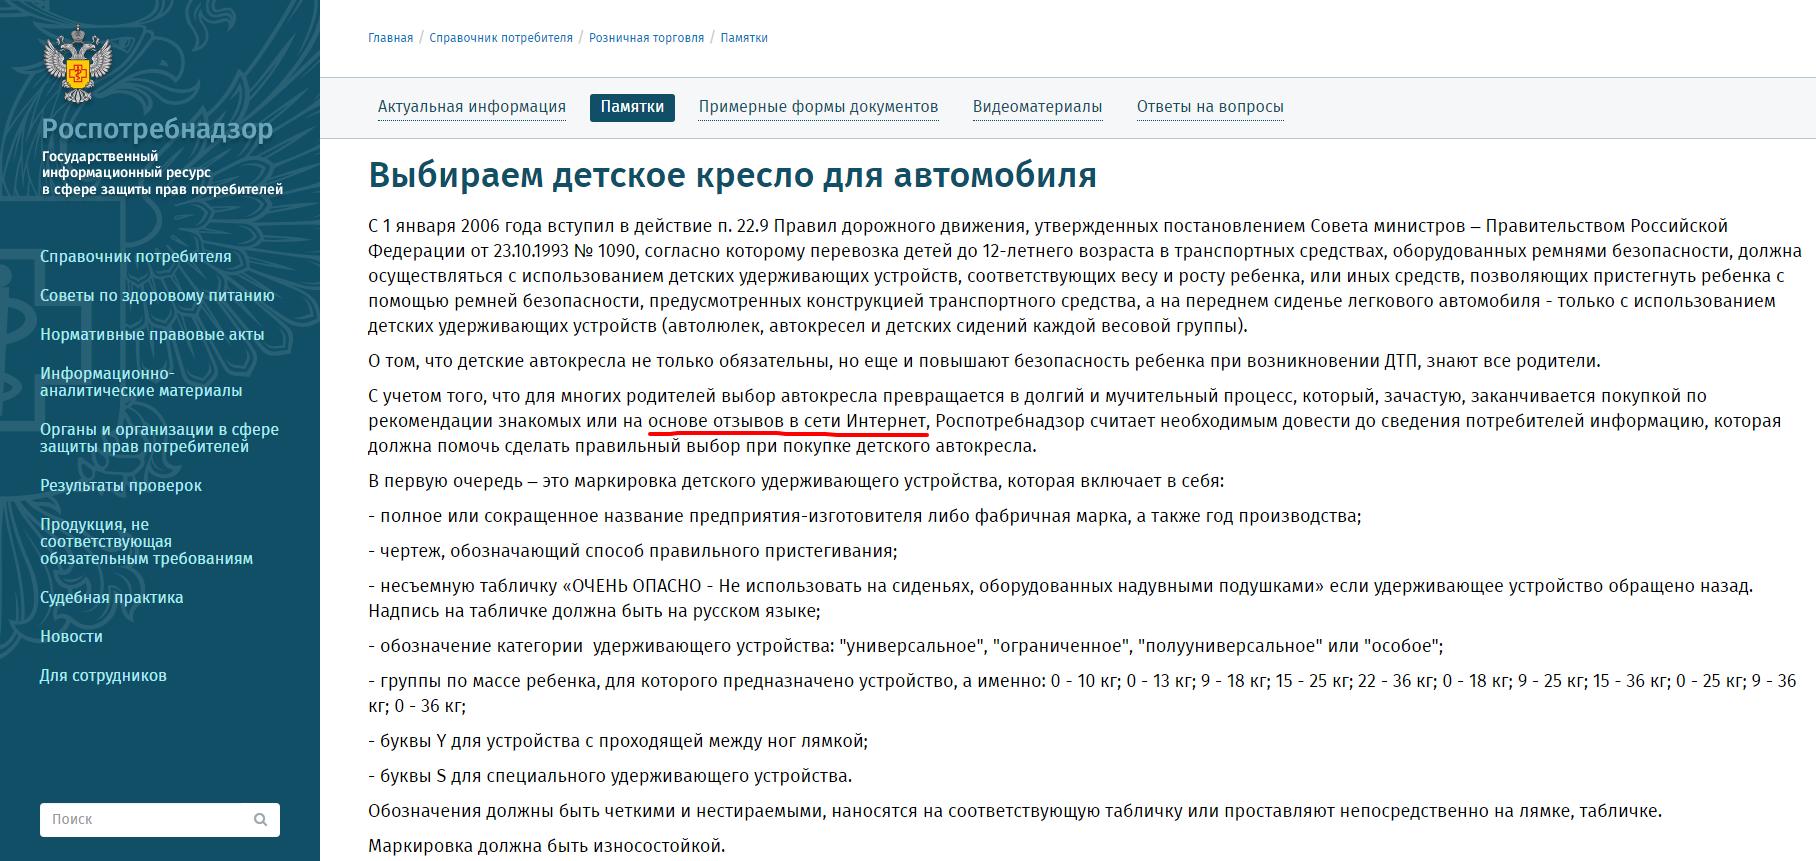 Скриншот сайта Роспотребнадзора